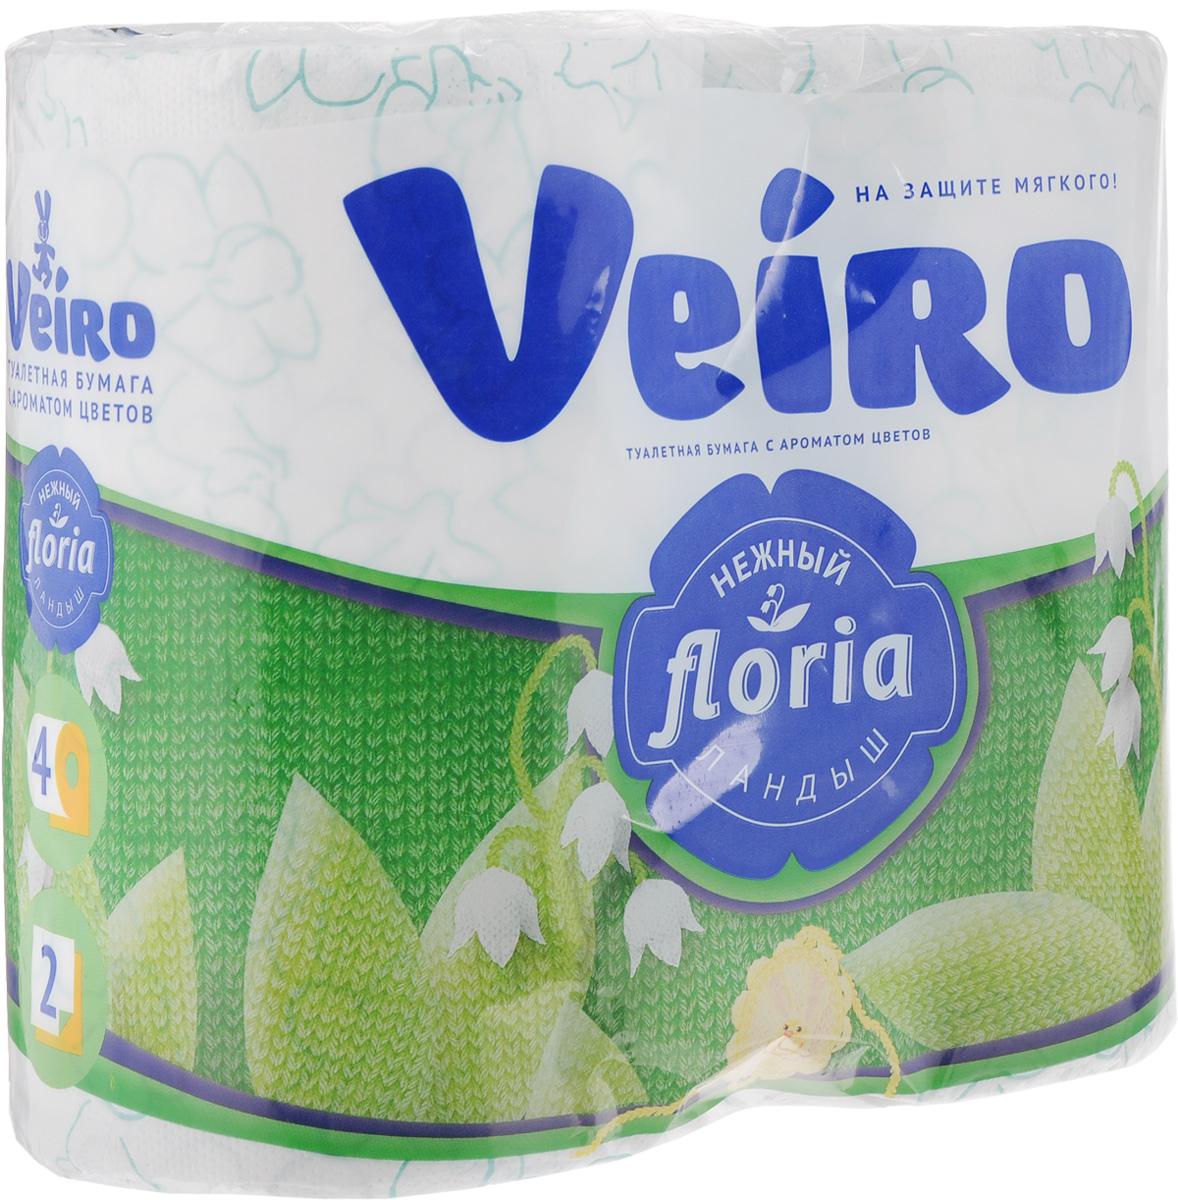 Туалетная бумага Veiro Floria. Нежный ландыш, двухслойная, ароматизированная, 4 рулона391602Двухслойная туалетная бумага Veiro Floria. Нежный ландыш изготовлена по новейшей технологии из 100% ароматизированной целлюлозы, благодаря чему она имеет тонкий аромат, очень мягкая, нежная, но в тоже время прочная. Перфорация надежно скрепляет слои бумаги. Туалетная бумага Veiro Floria. Нежный ландыш сочетает в себе простоту и оригинальность. Состав: 100% ароматизированная целлюлоза. Количество слоев: 2.Размер листа: 12,5 х 9,1 см.Длина рулона: 21,9 м.Количество рулонов: 4 шт.